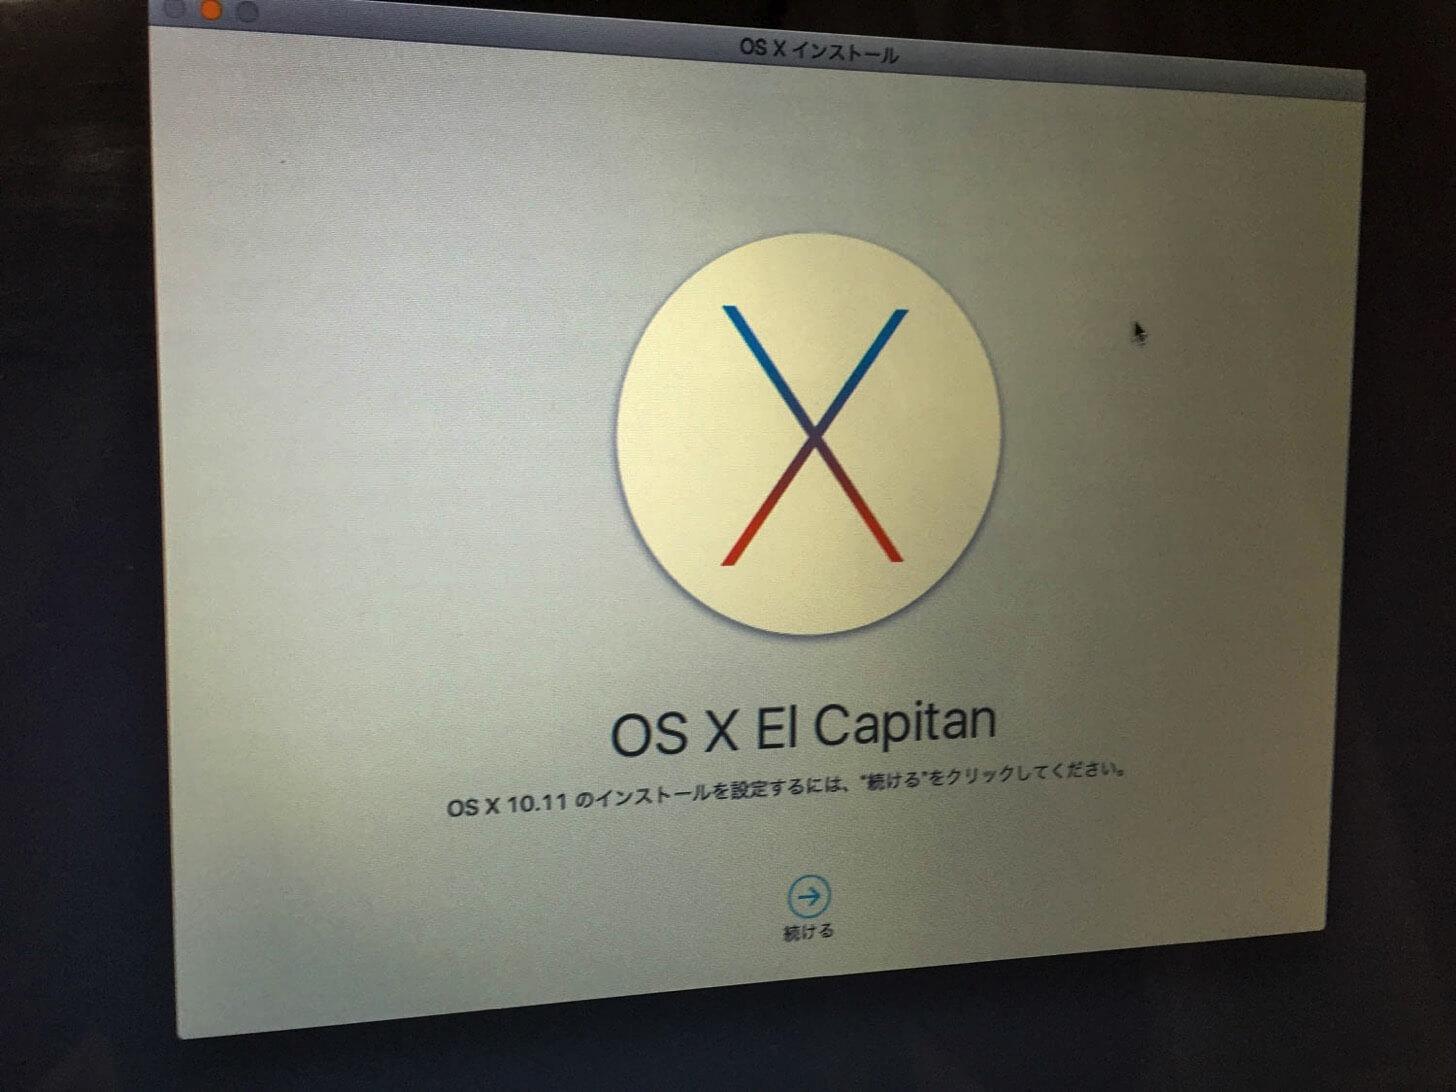 os-x-el-capitan-cleaninstall8